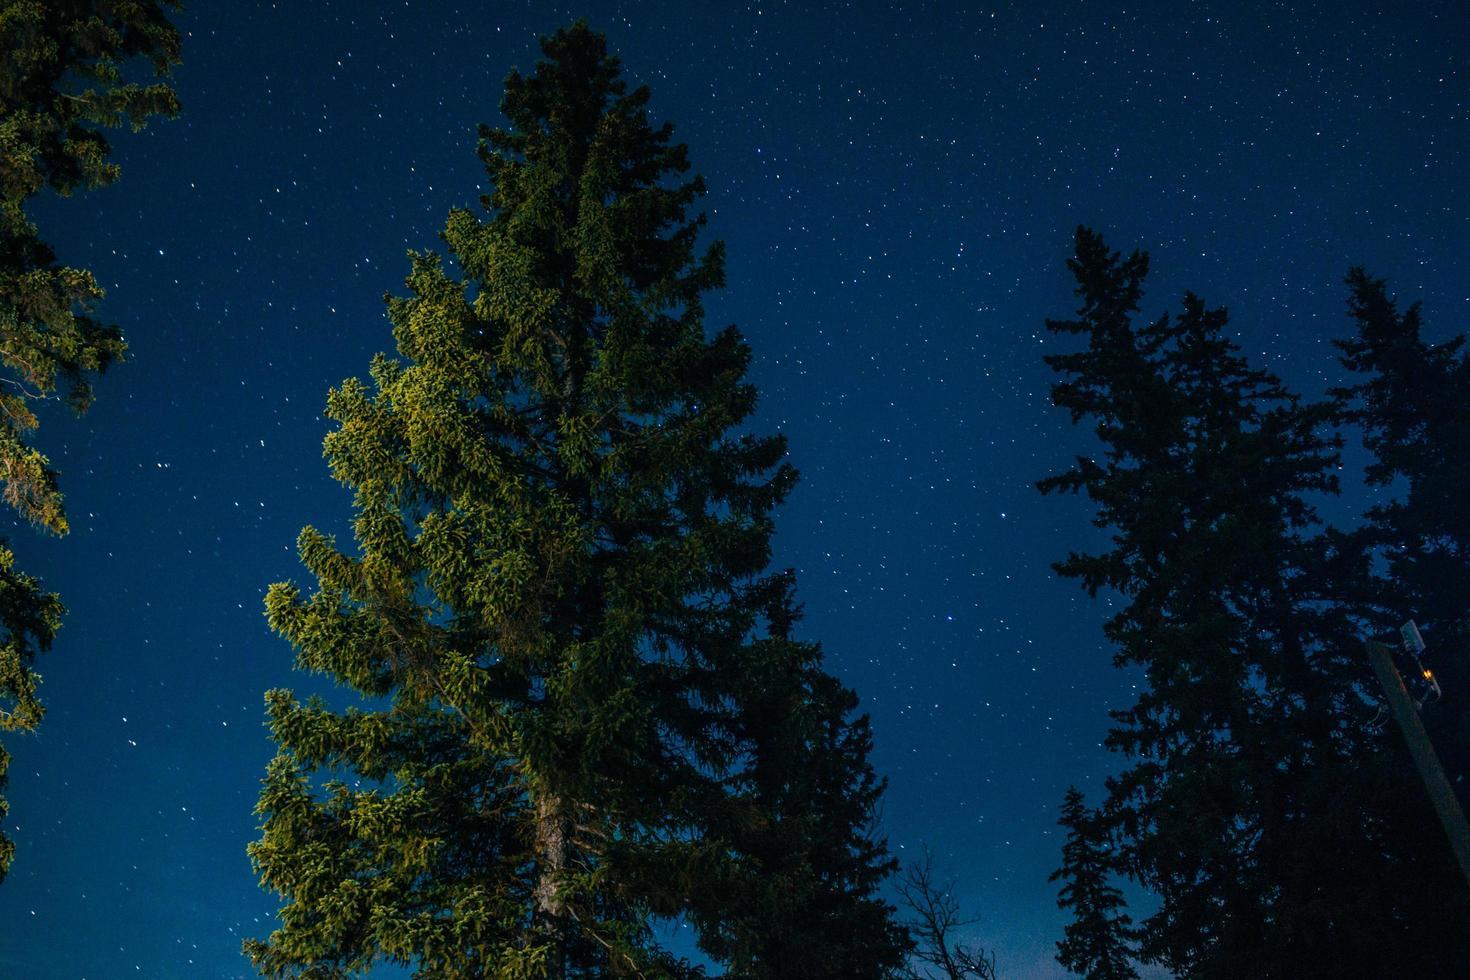 pino iluminado por la noche foto